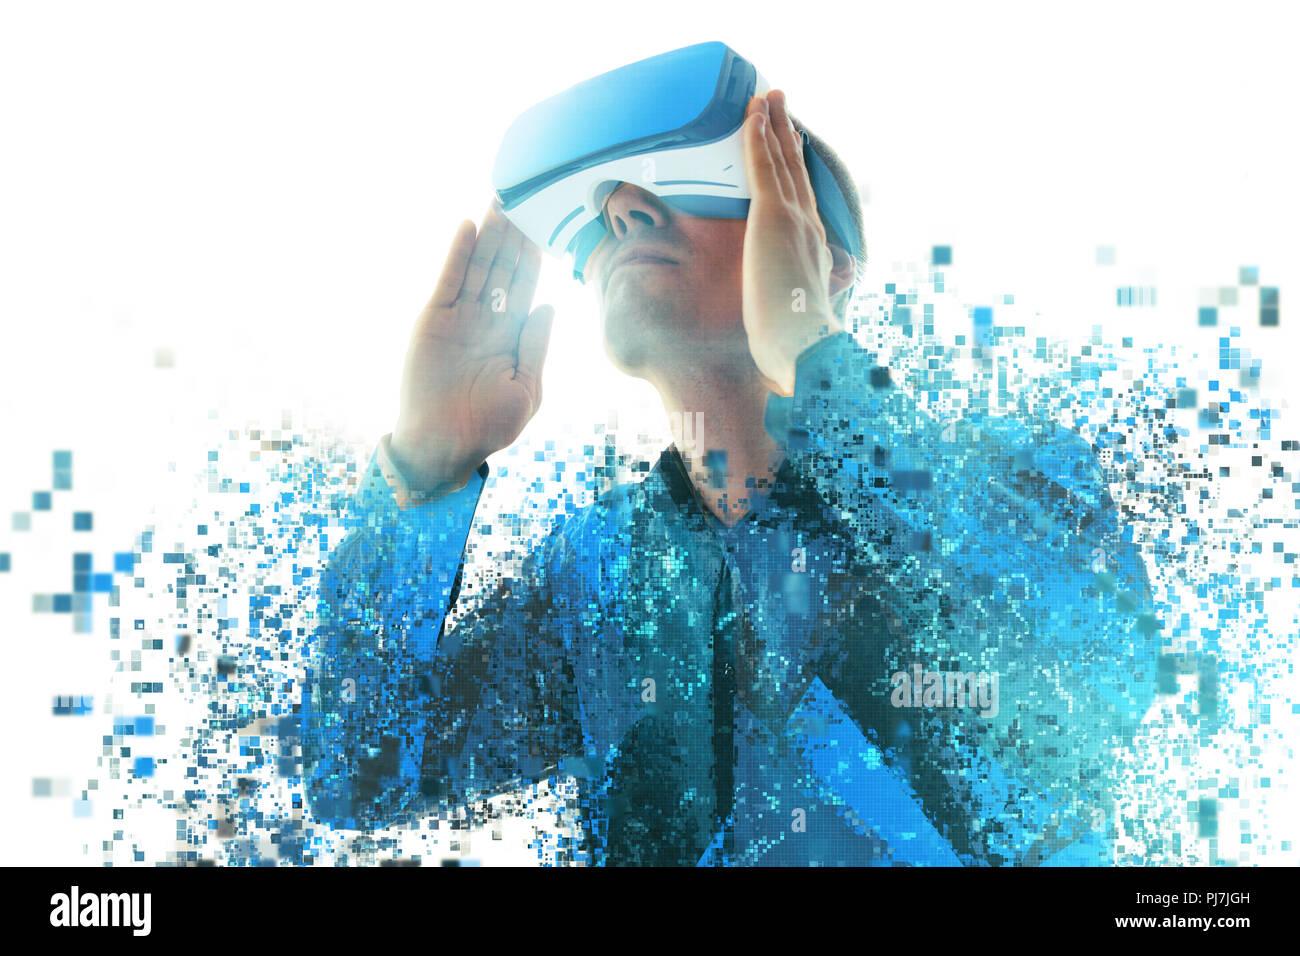 Una persona in realtà virtuale bicchieri vola a pixel. Il concetto di nuove tecnologie e le tecnologie del futuro.VR bicchieri. Immagini Stock